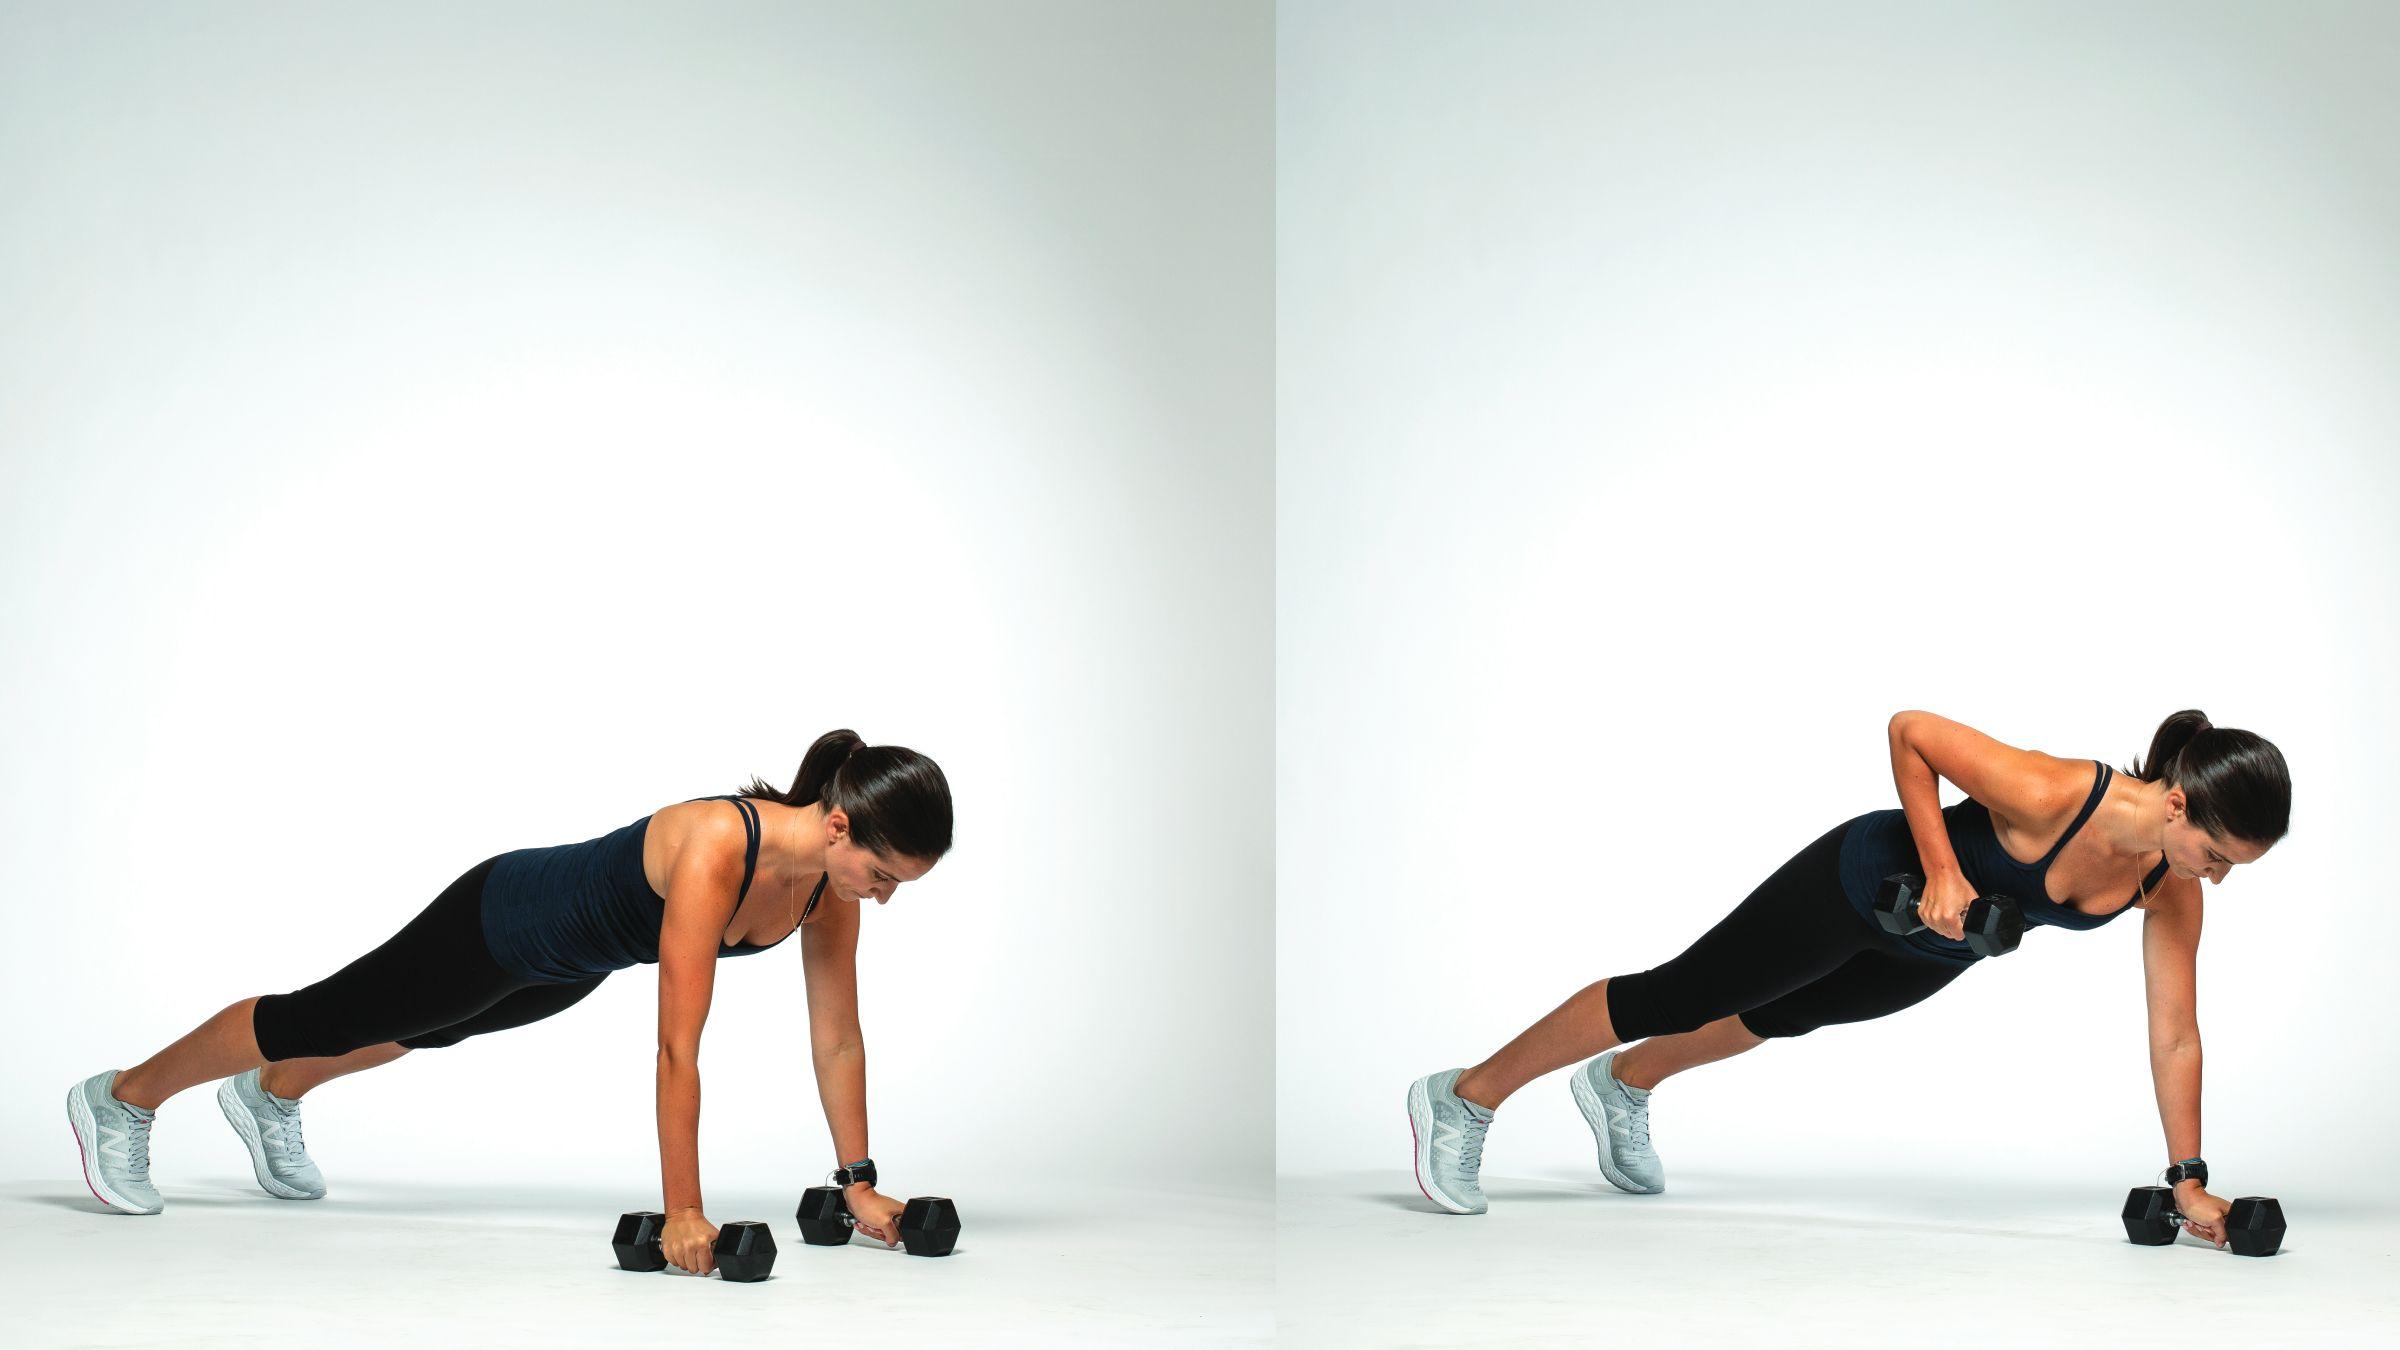 Plank Entrenamiento de fuerza todo terreno   Revista Trail Runner